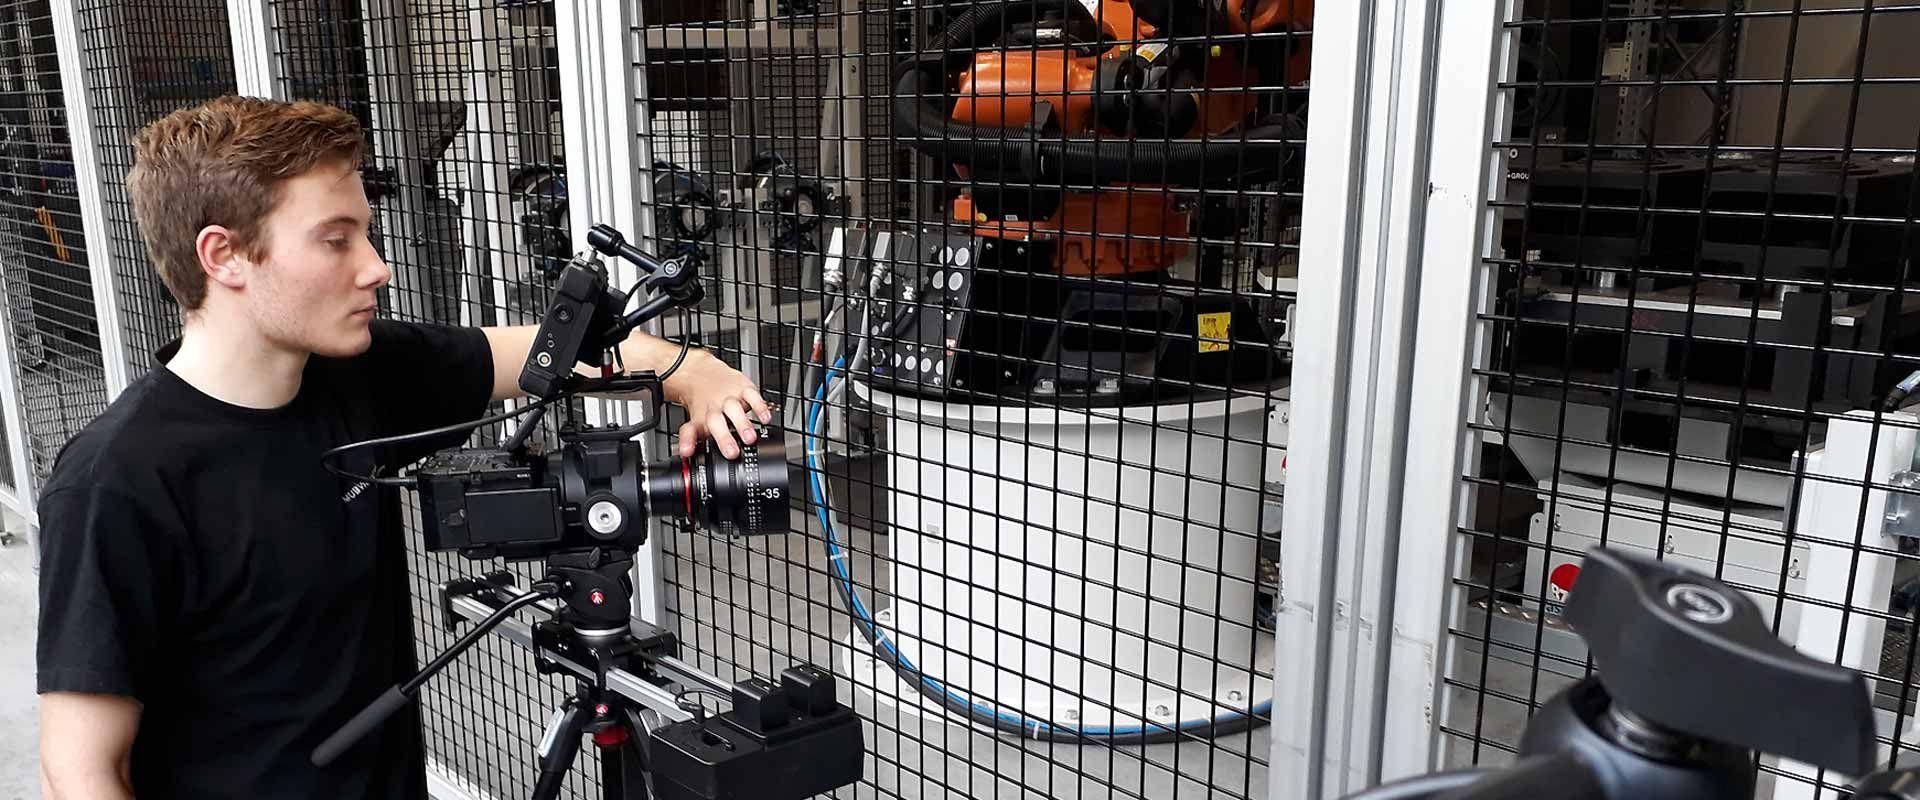 Aufnahmen für Produktfilm - Videoproduktion Sachsen